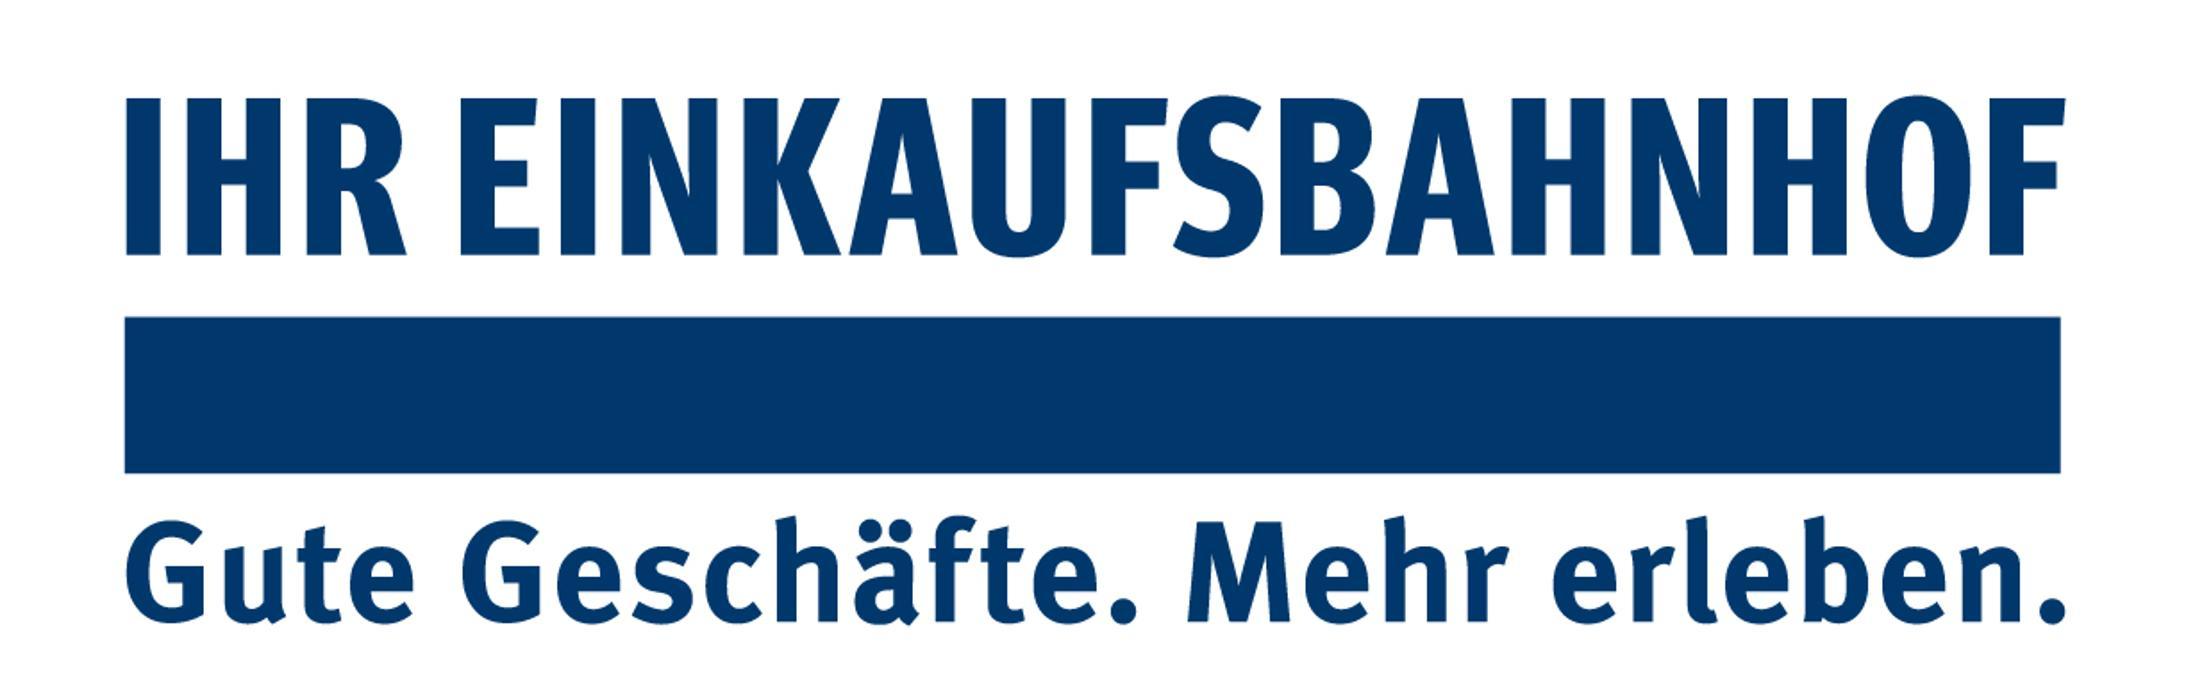 Einkaufsbahnhof München Ost